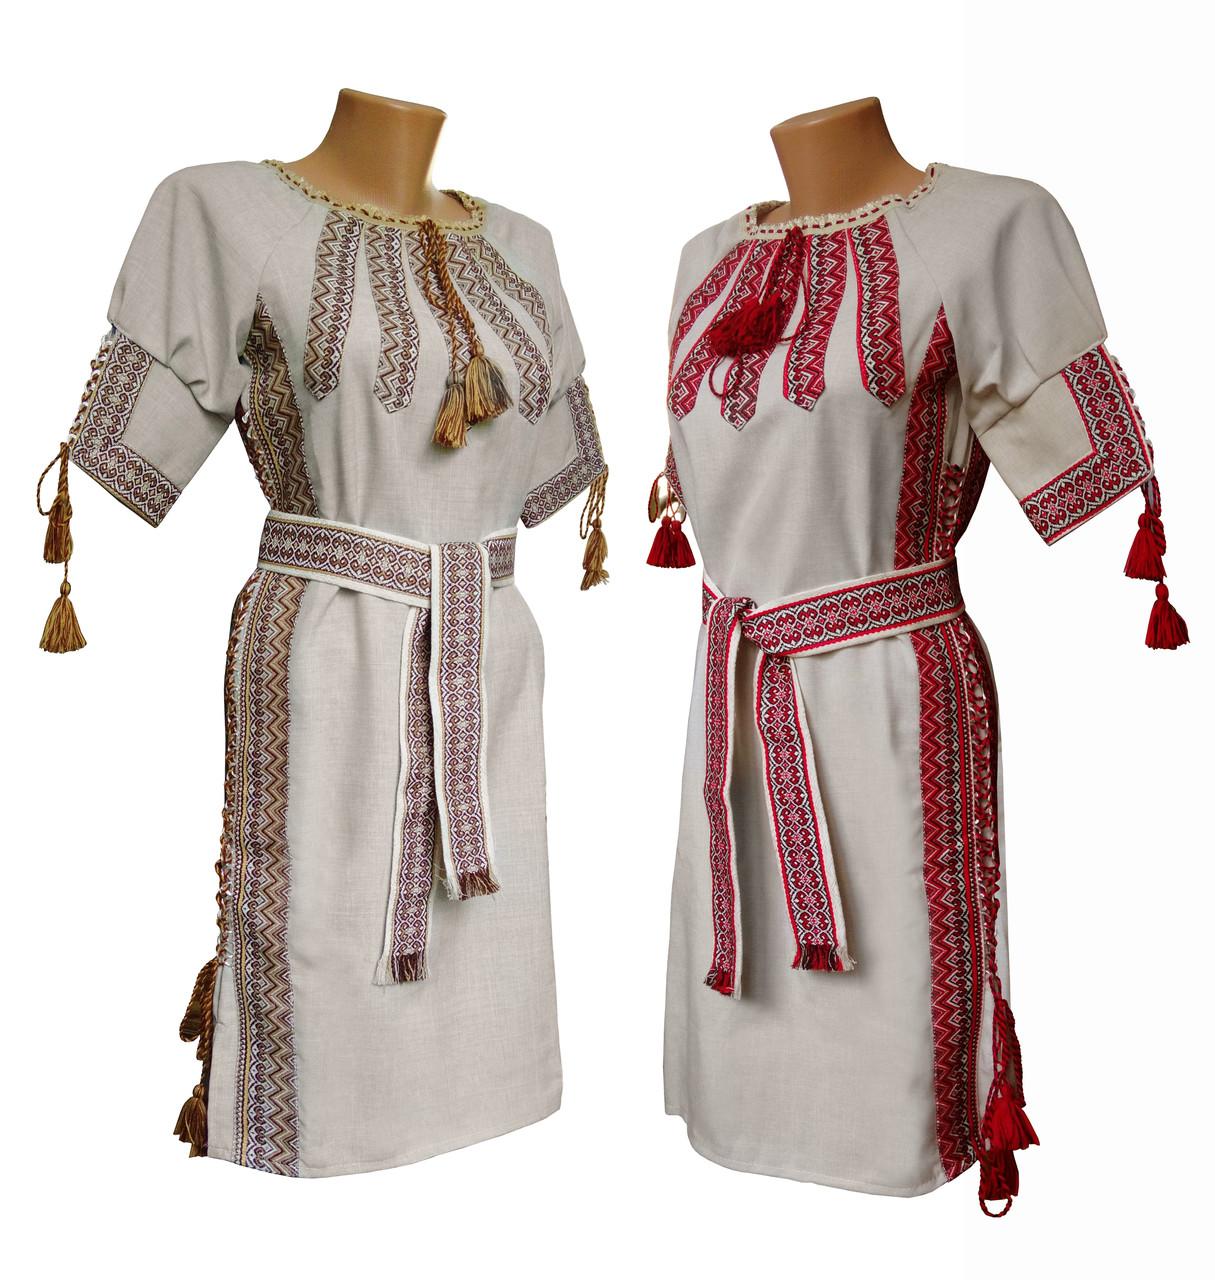 Українська жіноча вишита сукня із поясом середньої довжини та коротким рукавом, фото 1